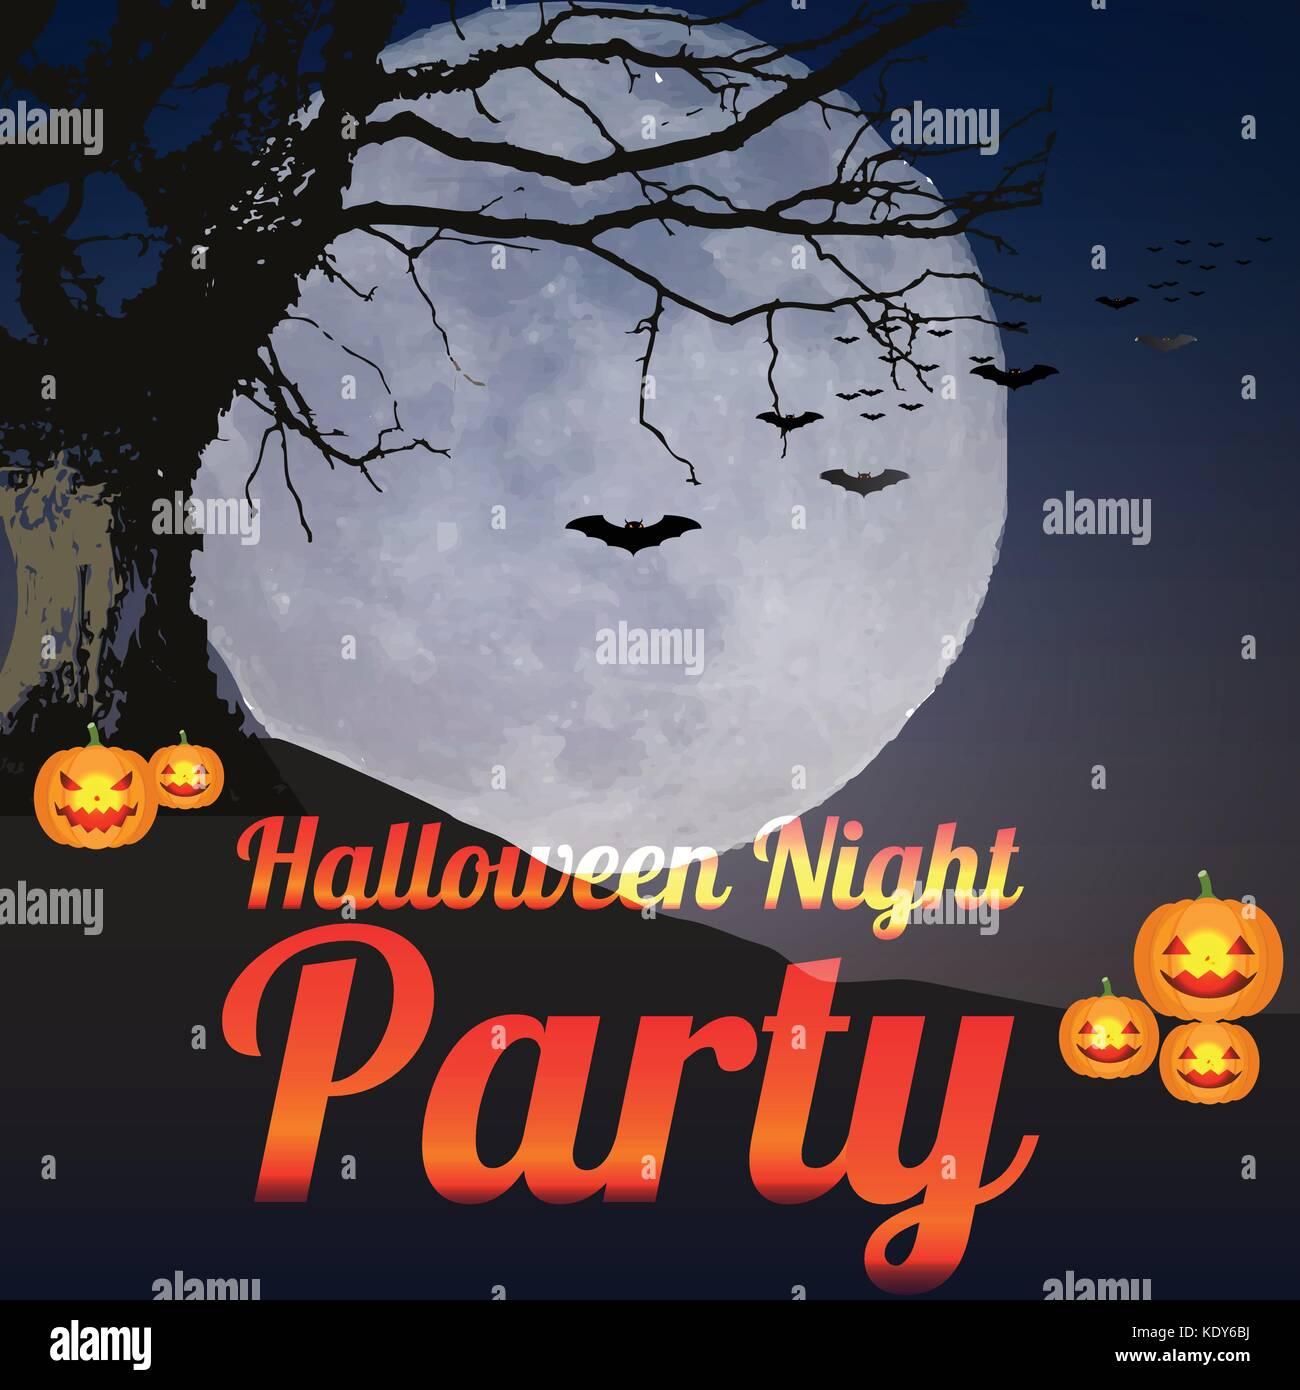 La noche de Halloween Party telón de fondo vector ilustración poster postal papel tapiz o cualquier material Imagen De Stock